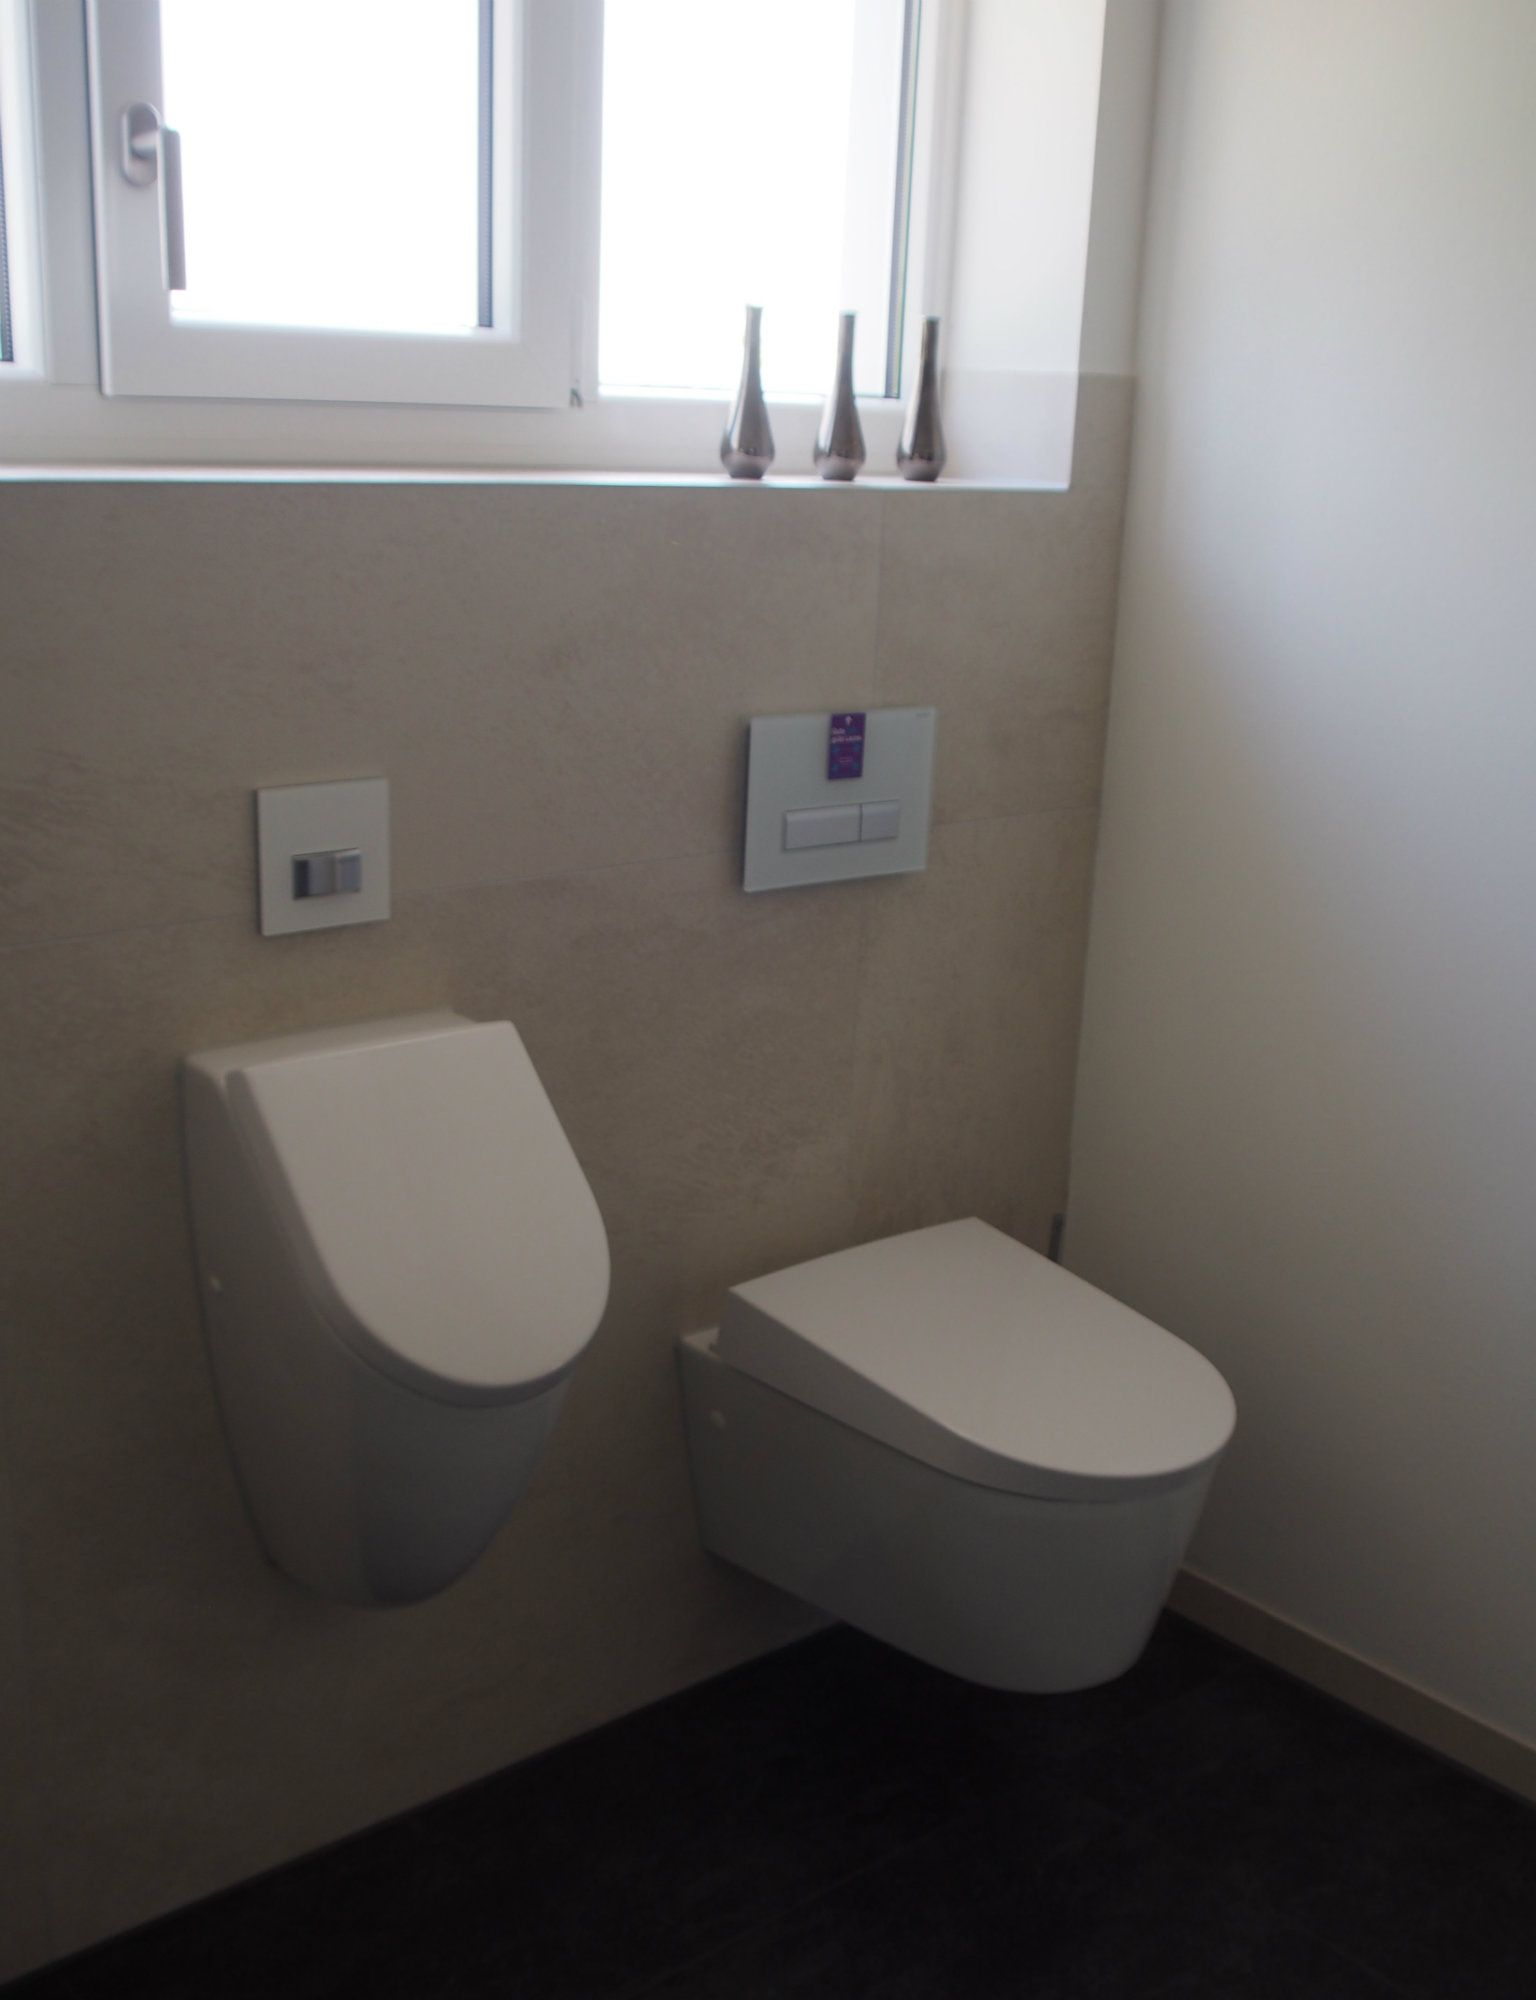 doppelwaschtisch mit unterschrank im bad 71431 aalen bad. Black Bedroom Furniture Sets. Home Design Ideas